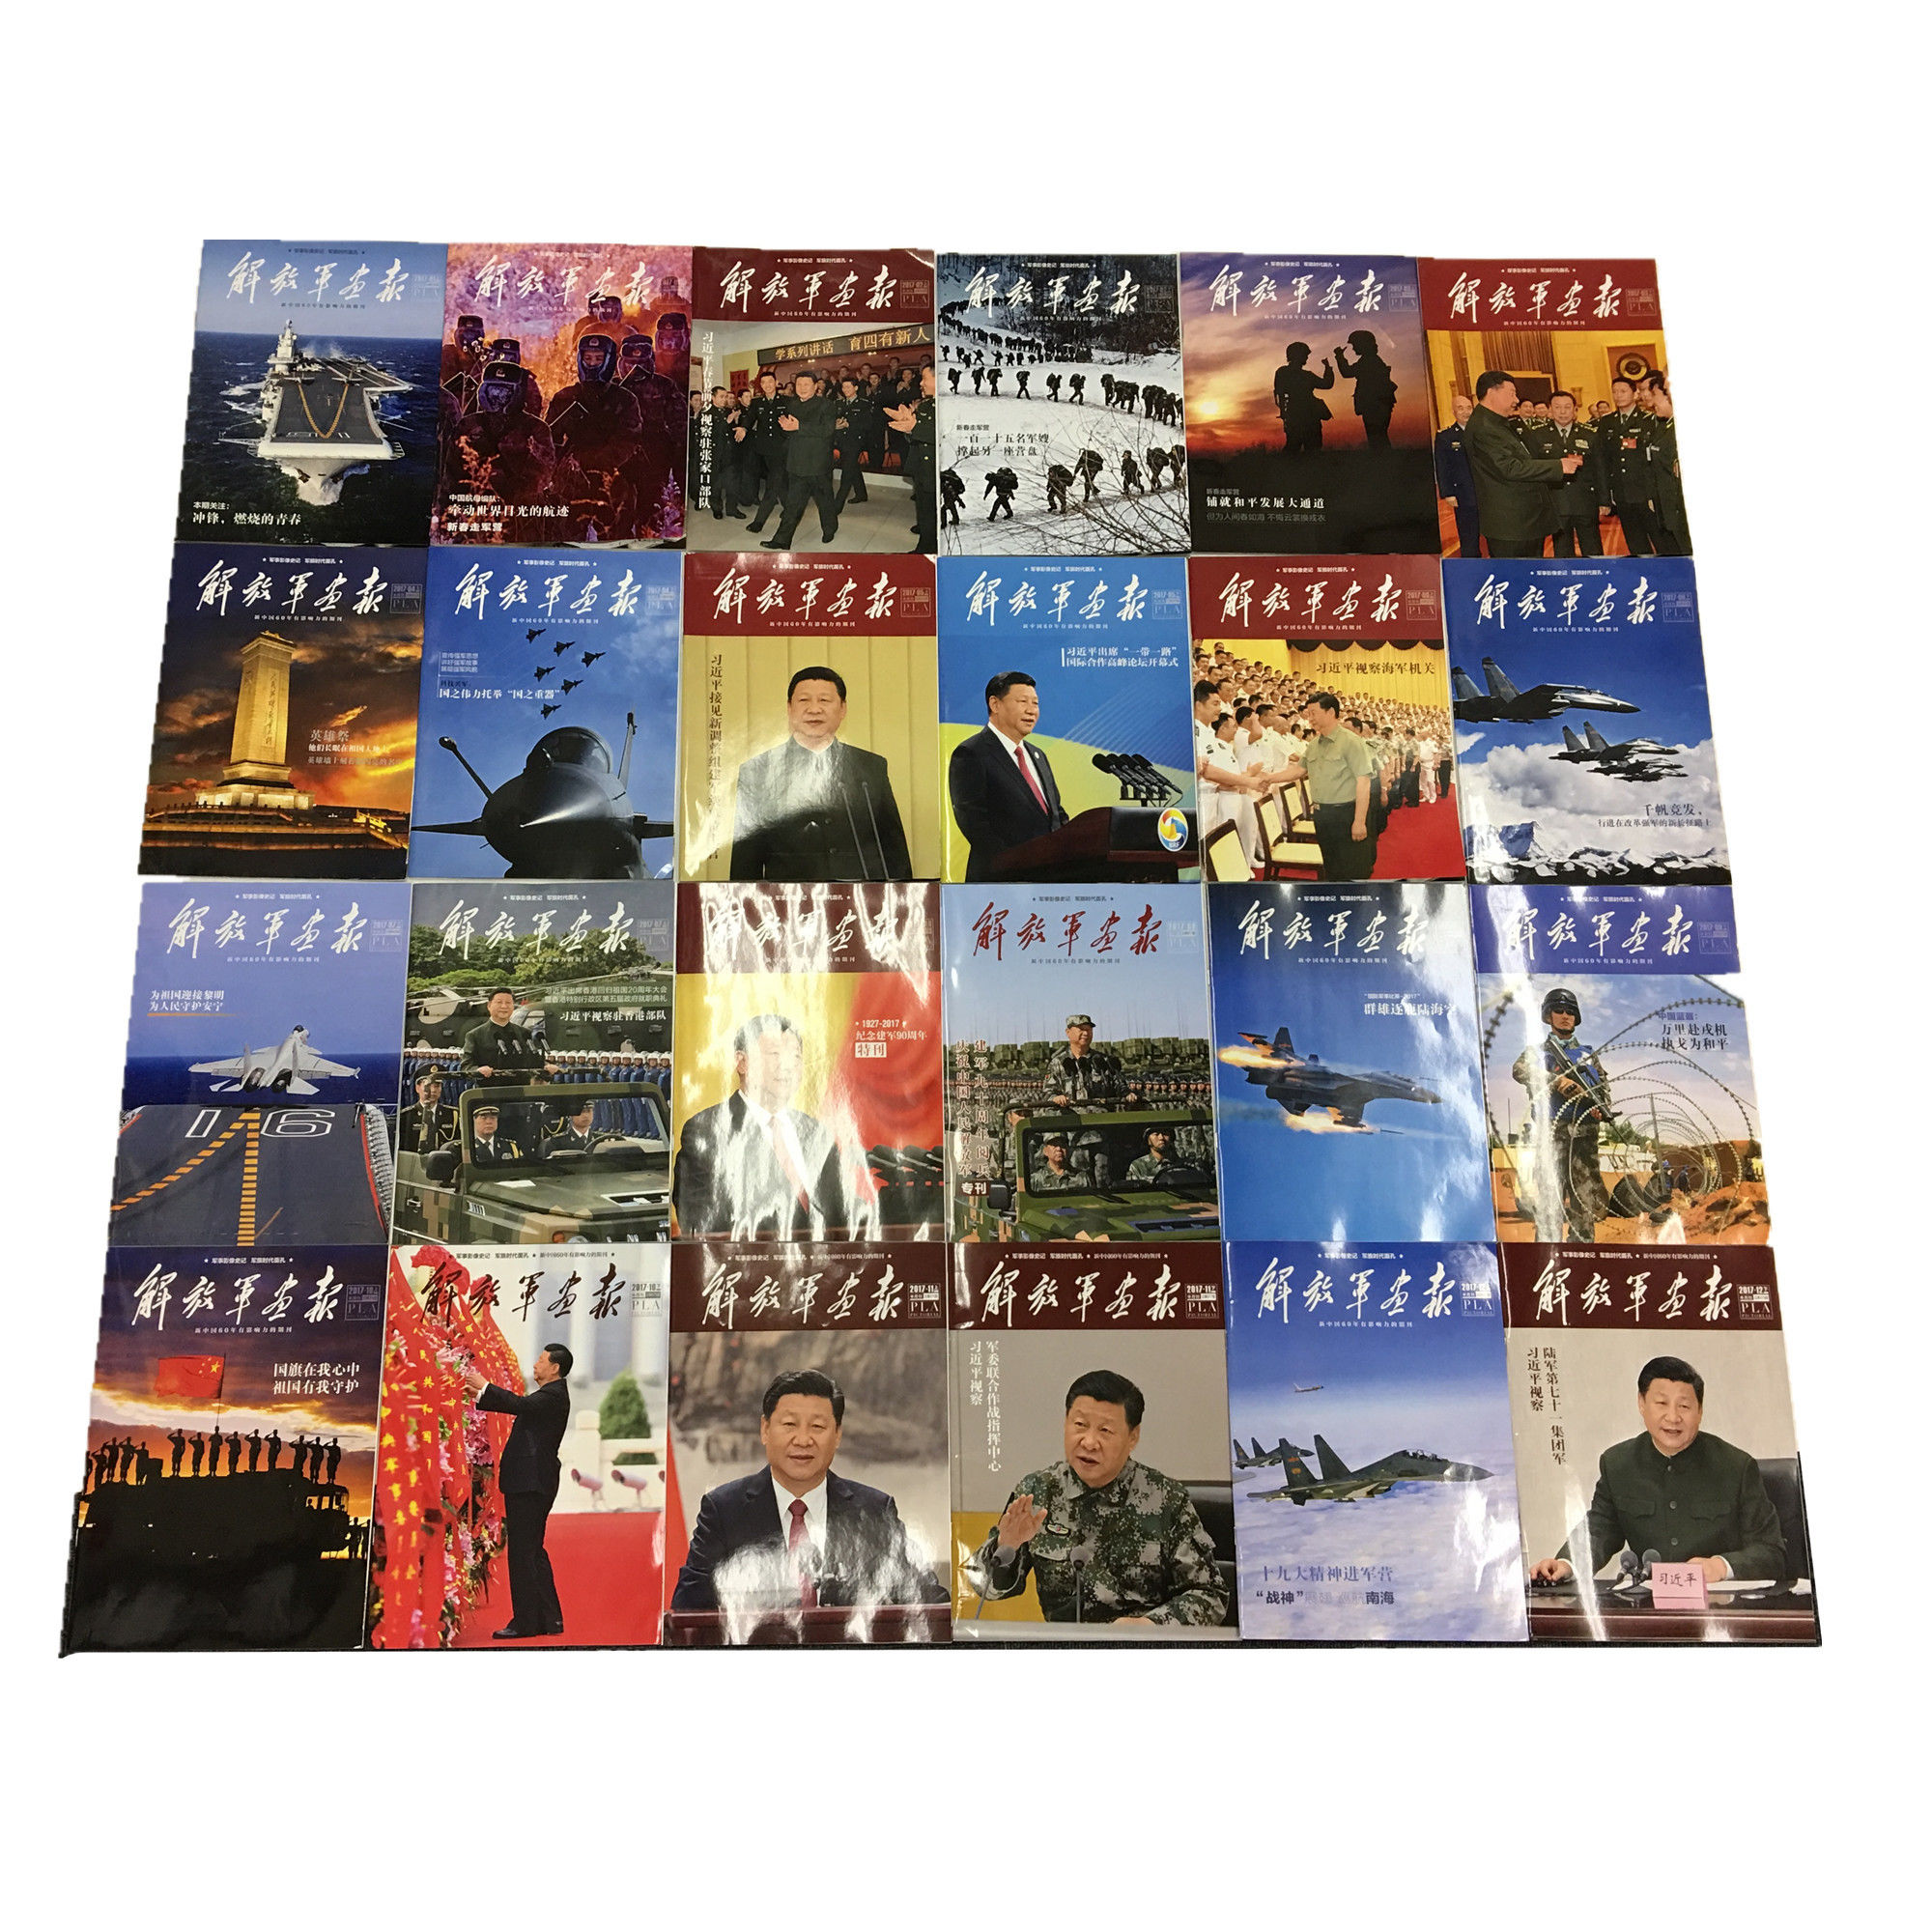 【解放軍画報】中国人民解放軍公式雑誌 2017年 全24冊